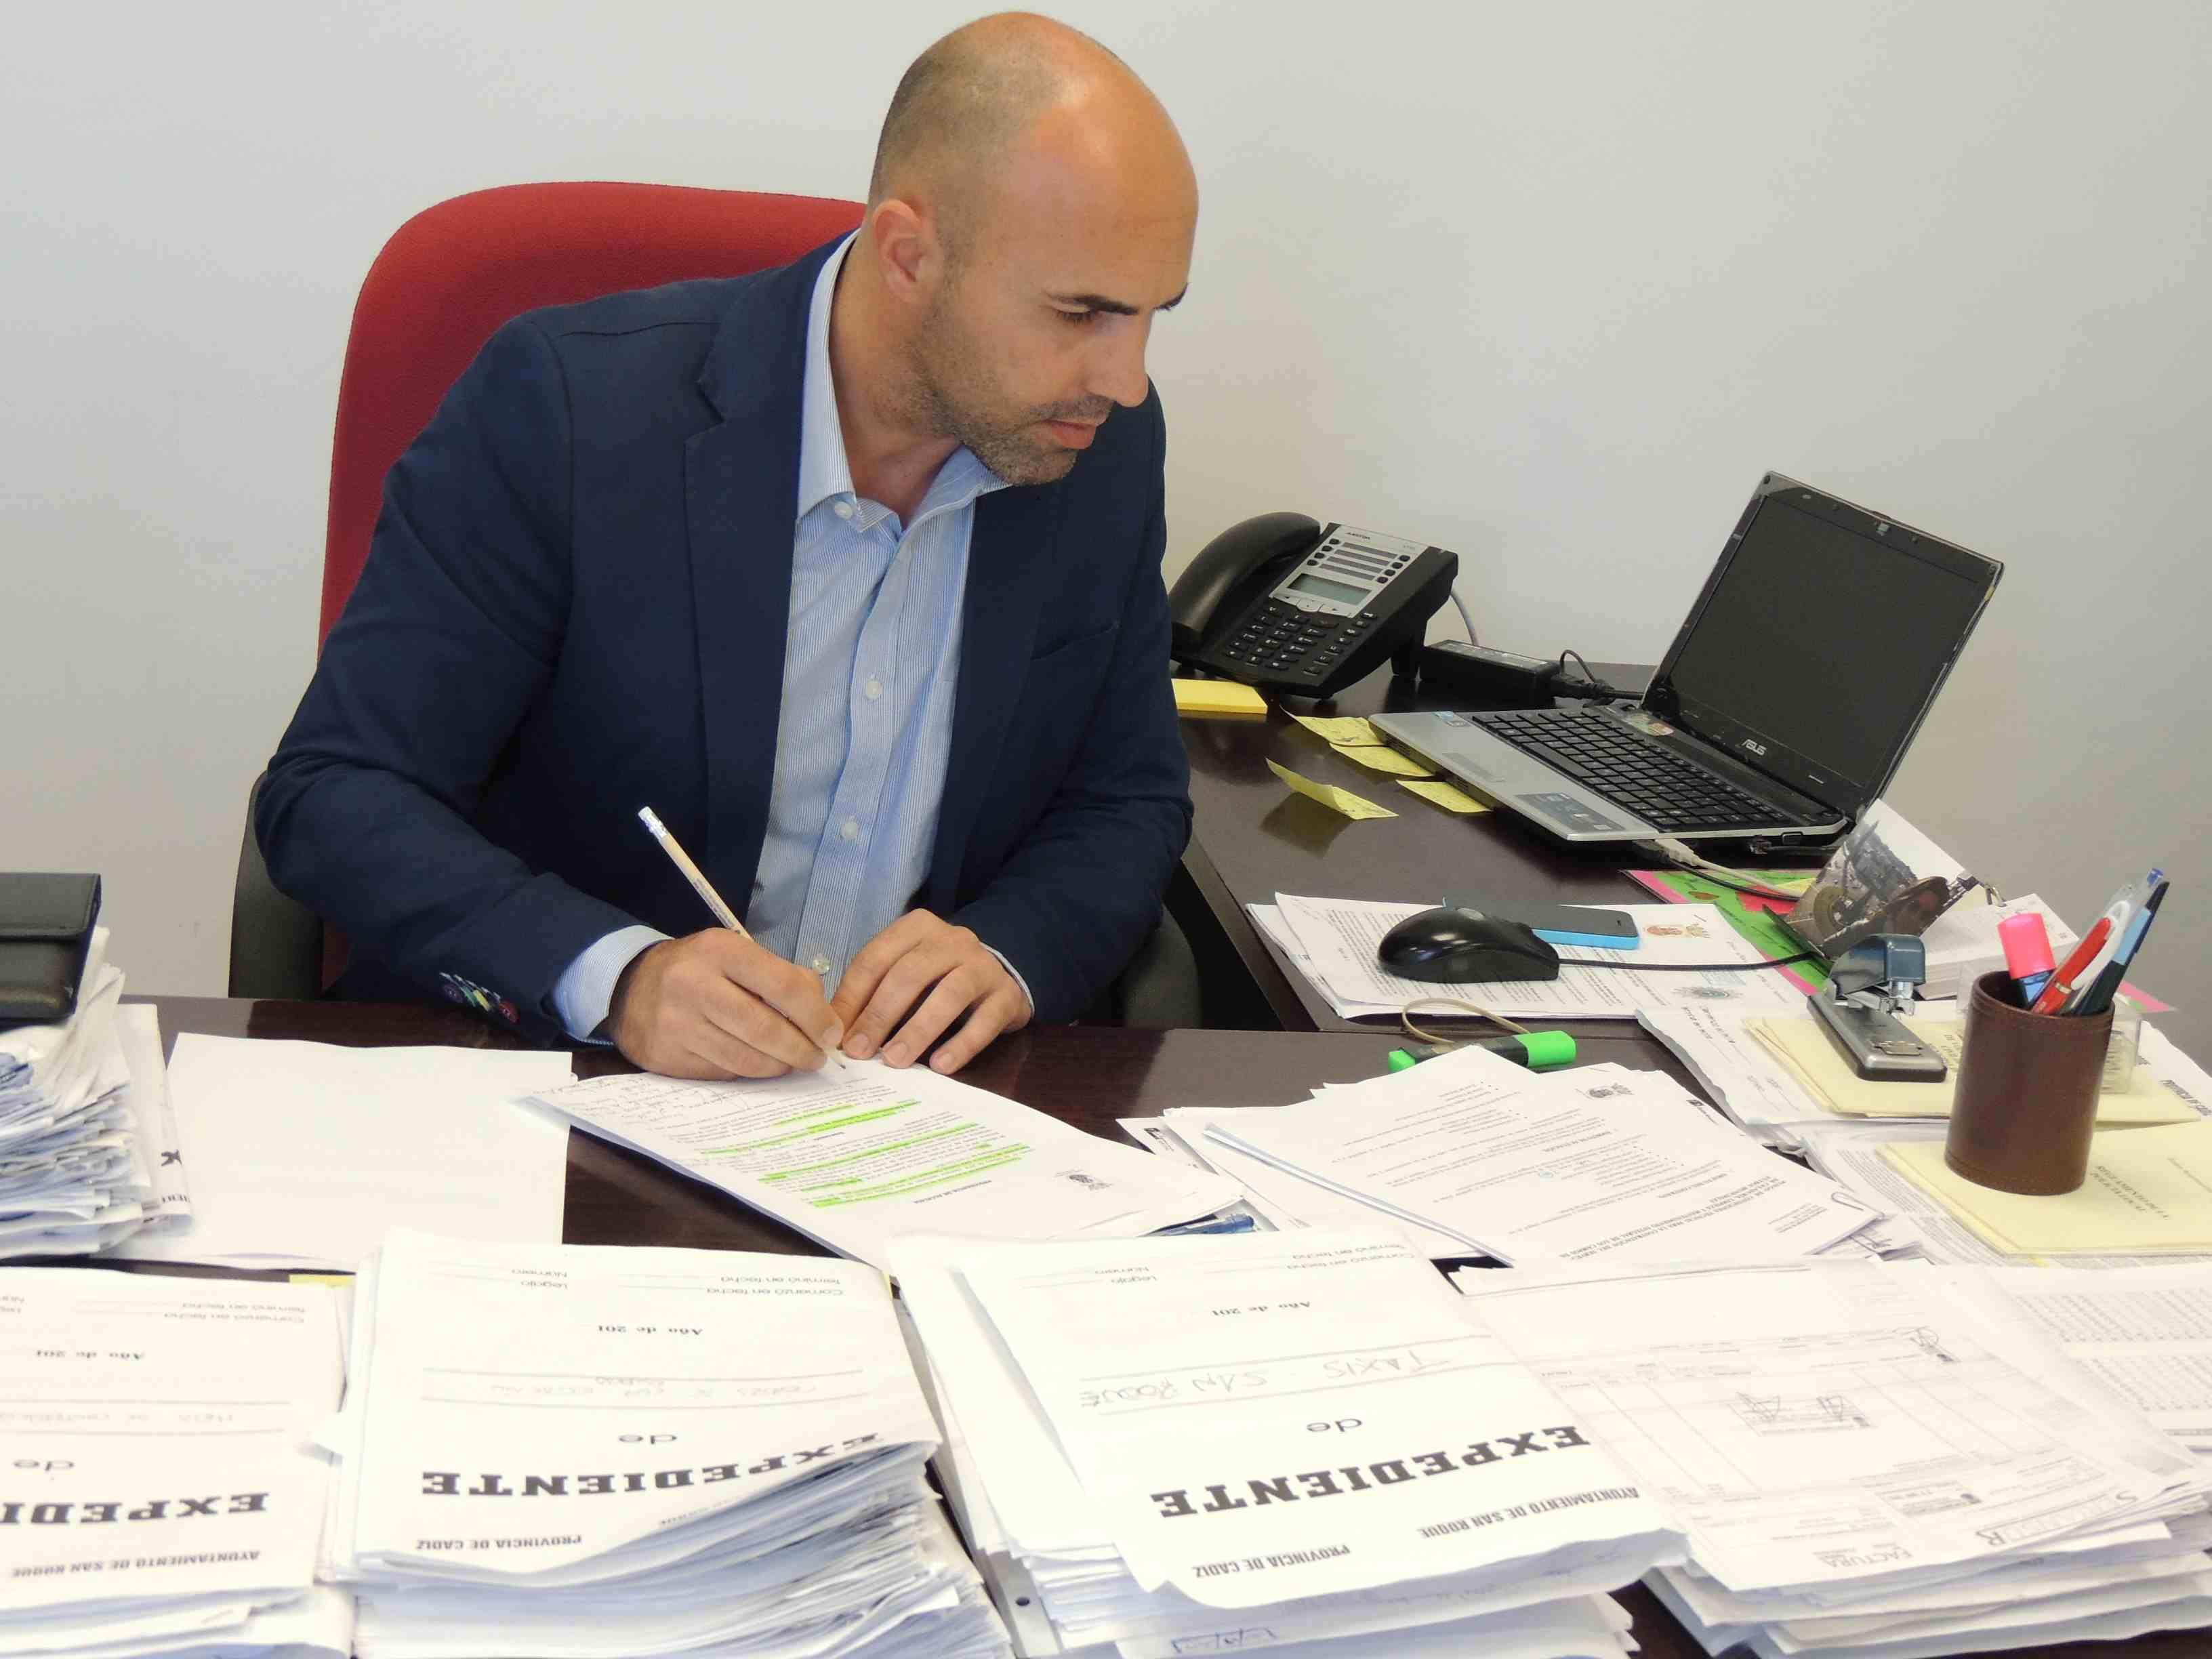 Emroque colabora con la Junta en la tramitación de ayudas ...